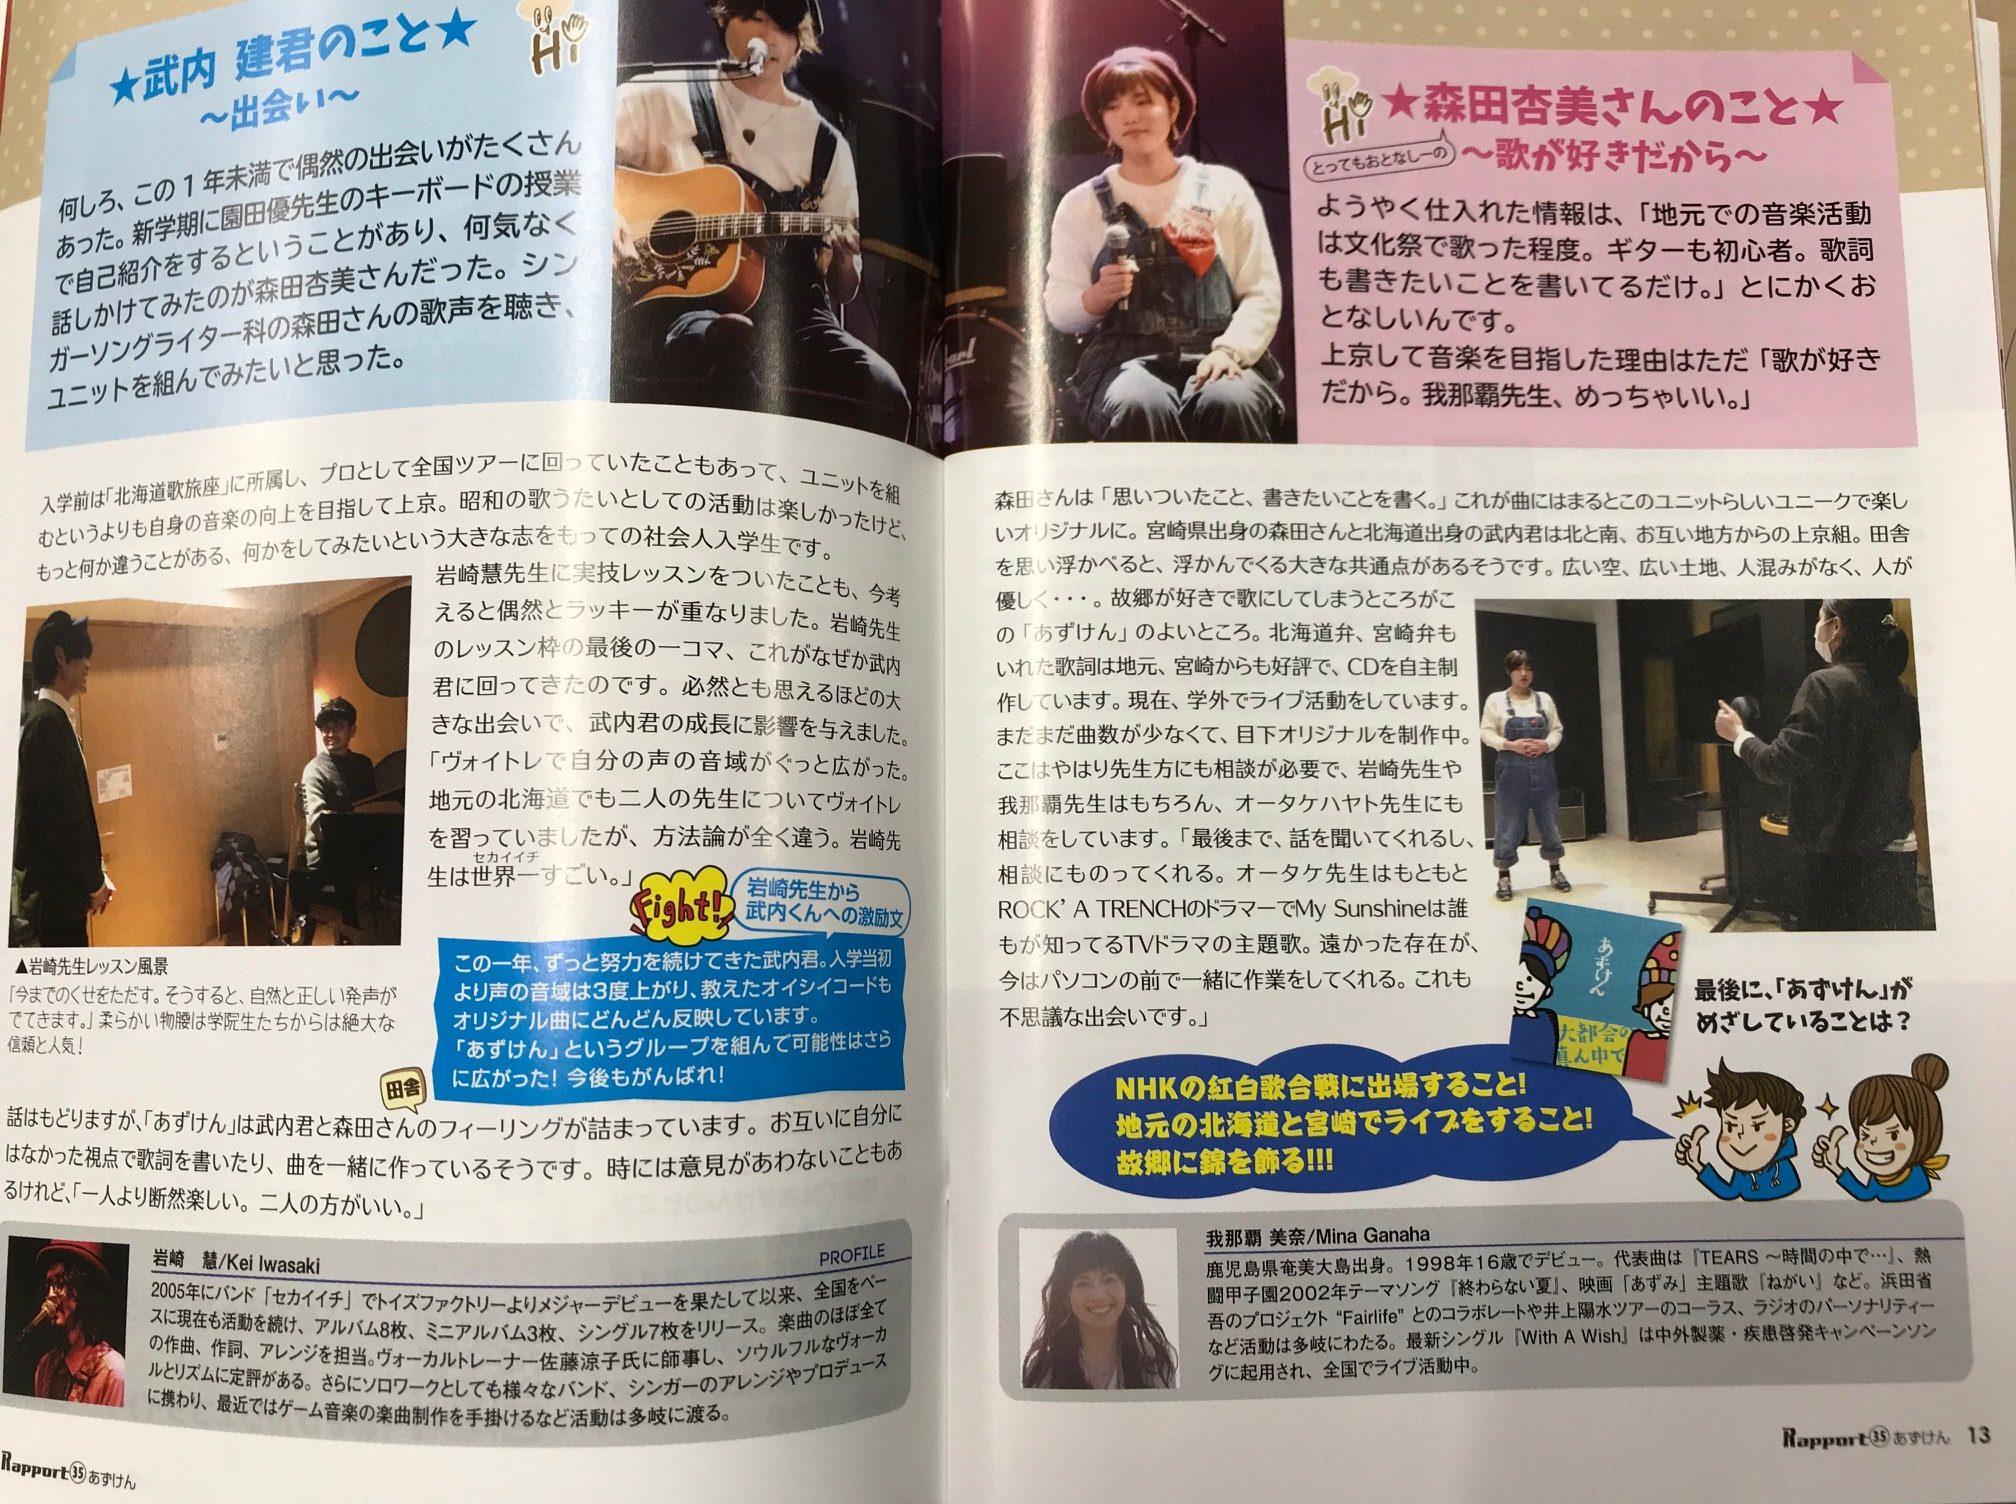 広報誌・ラポールの誌面をご紹介。武内 健くんと森田 杏美さんのインタビューと、レッスンを受け持つ岩崎 慧先生・我那覇 美奈先生からの応援コメントも書かれています。